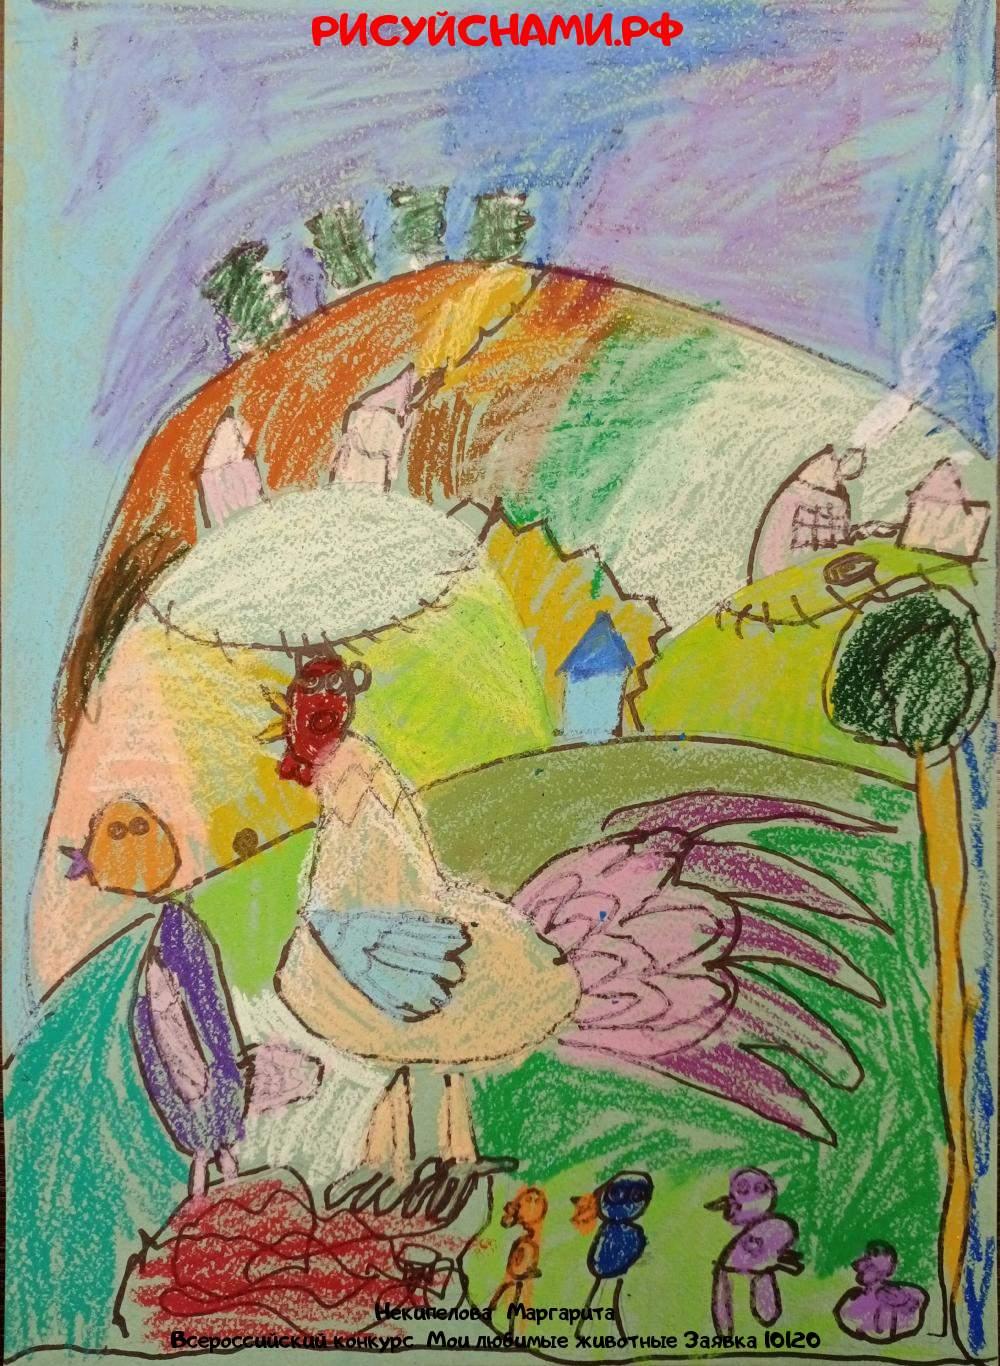 Всероссийский конкурс  Мои любимые животные Заявка 10120  творческие конкурсы рисунков для школьников и дошкольников рисуй с нами #тмрисуйснами рисунок и поделка - Некипелова  Маргарита